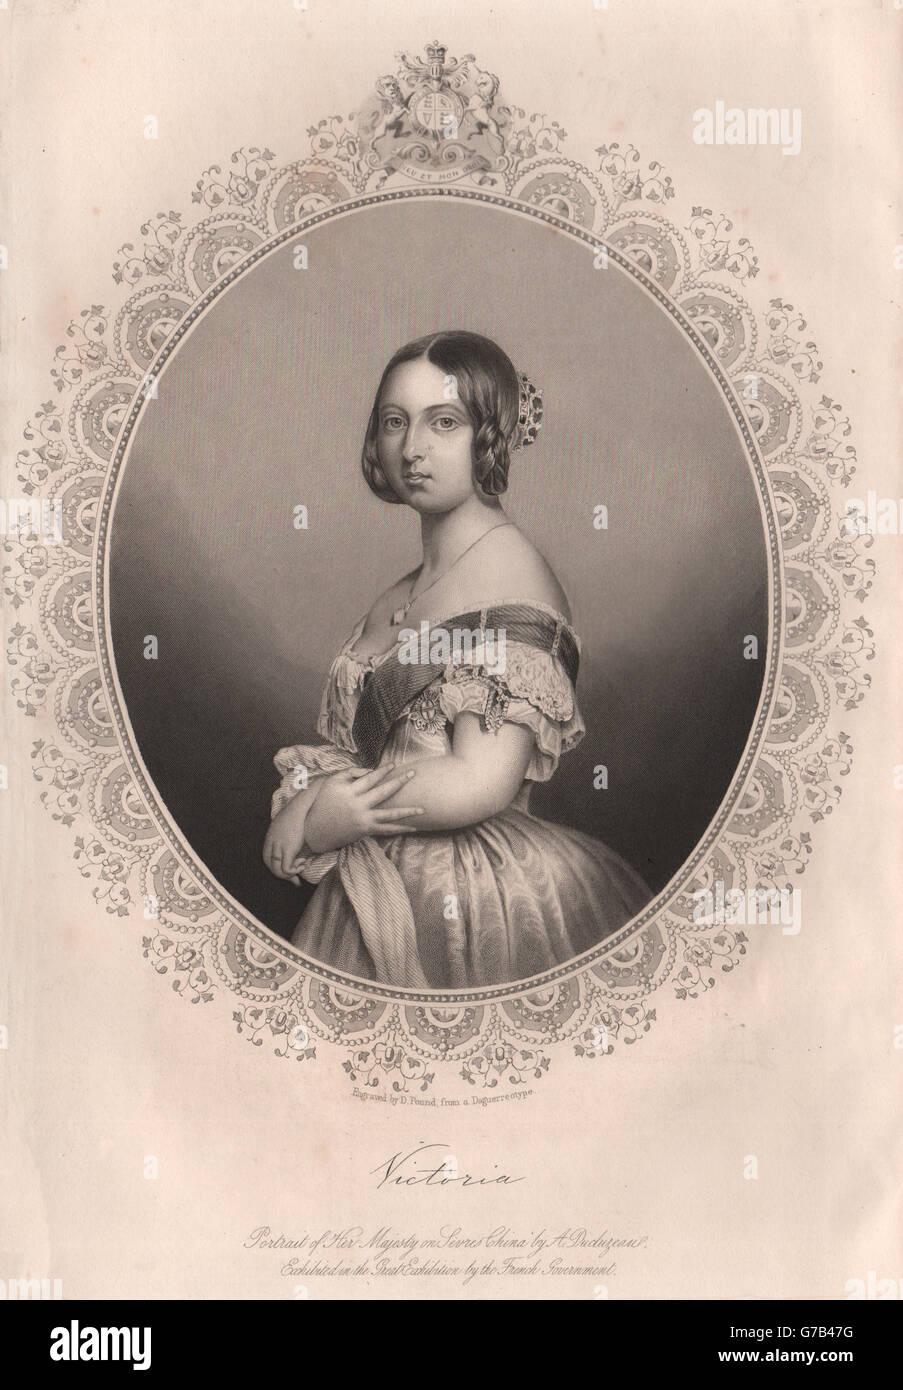 Queen Victoria. TALLIS, antique print 1853 - Stock Image